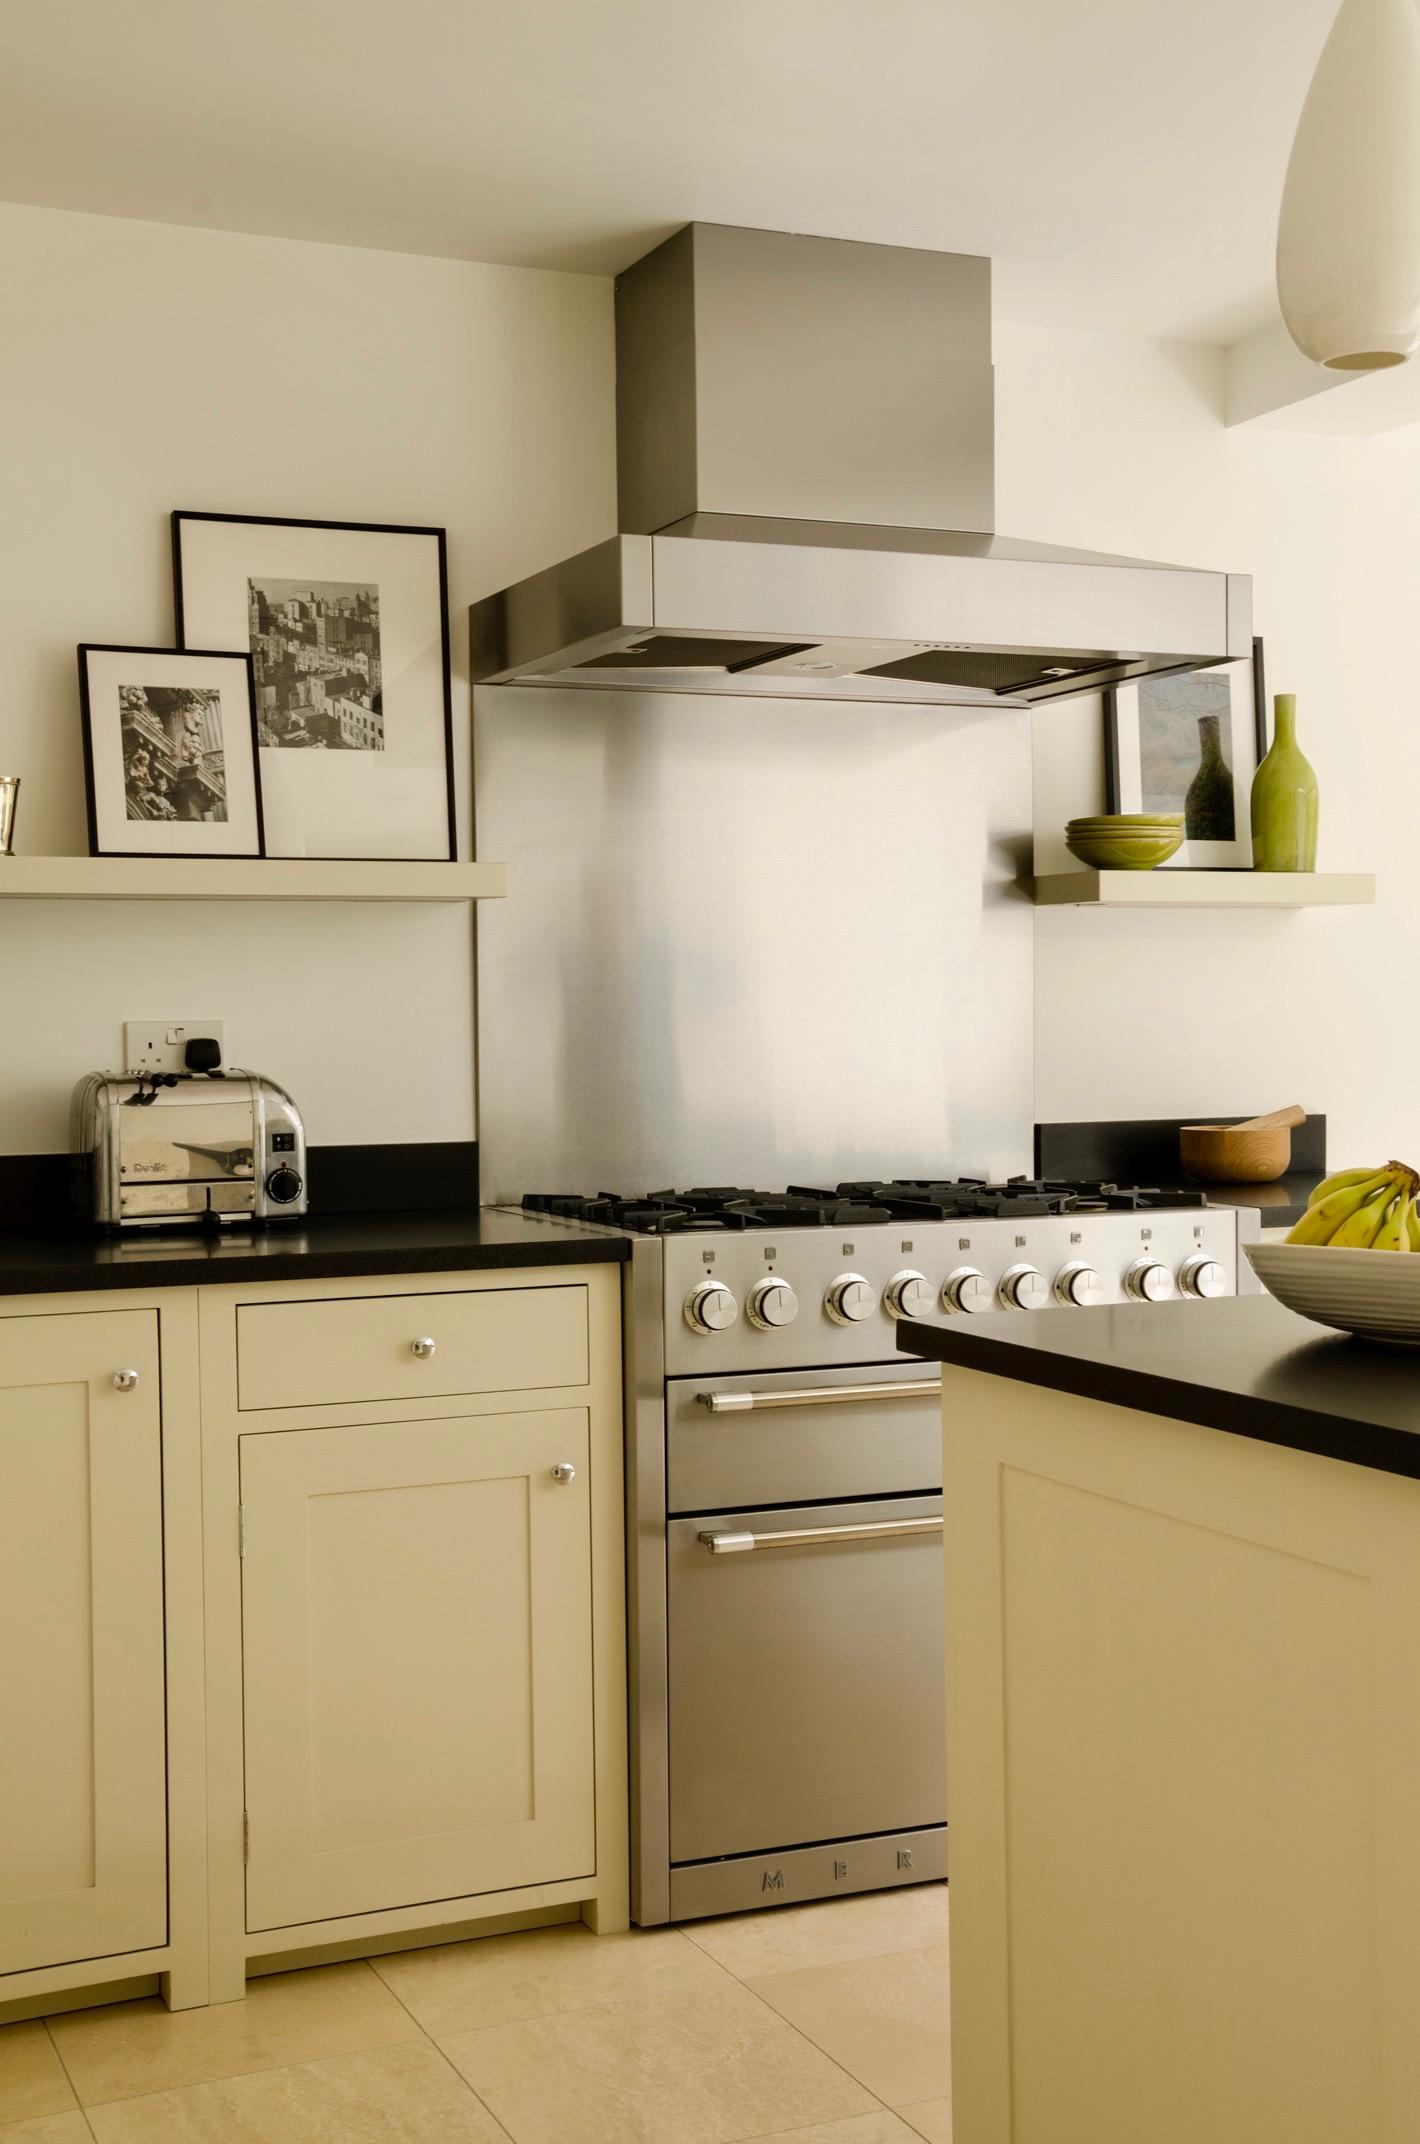 kitchen 3 copy.jpg